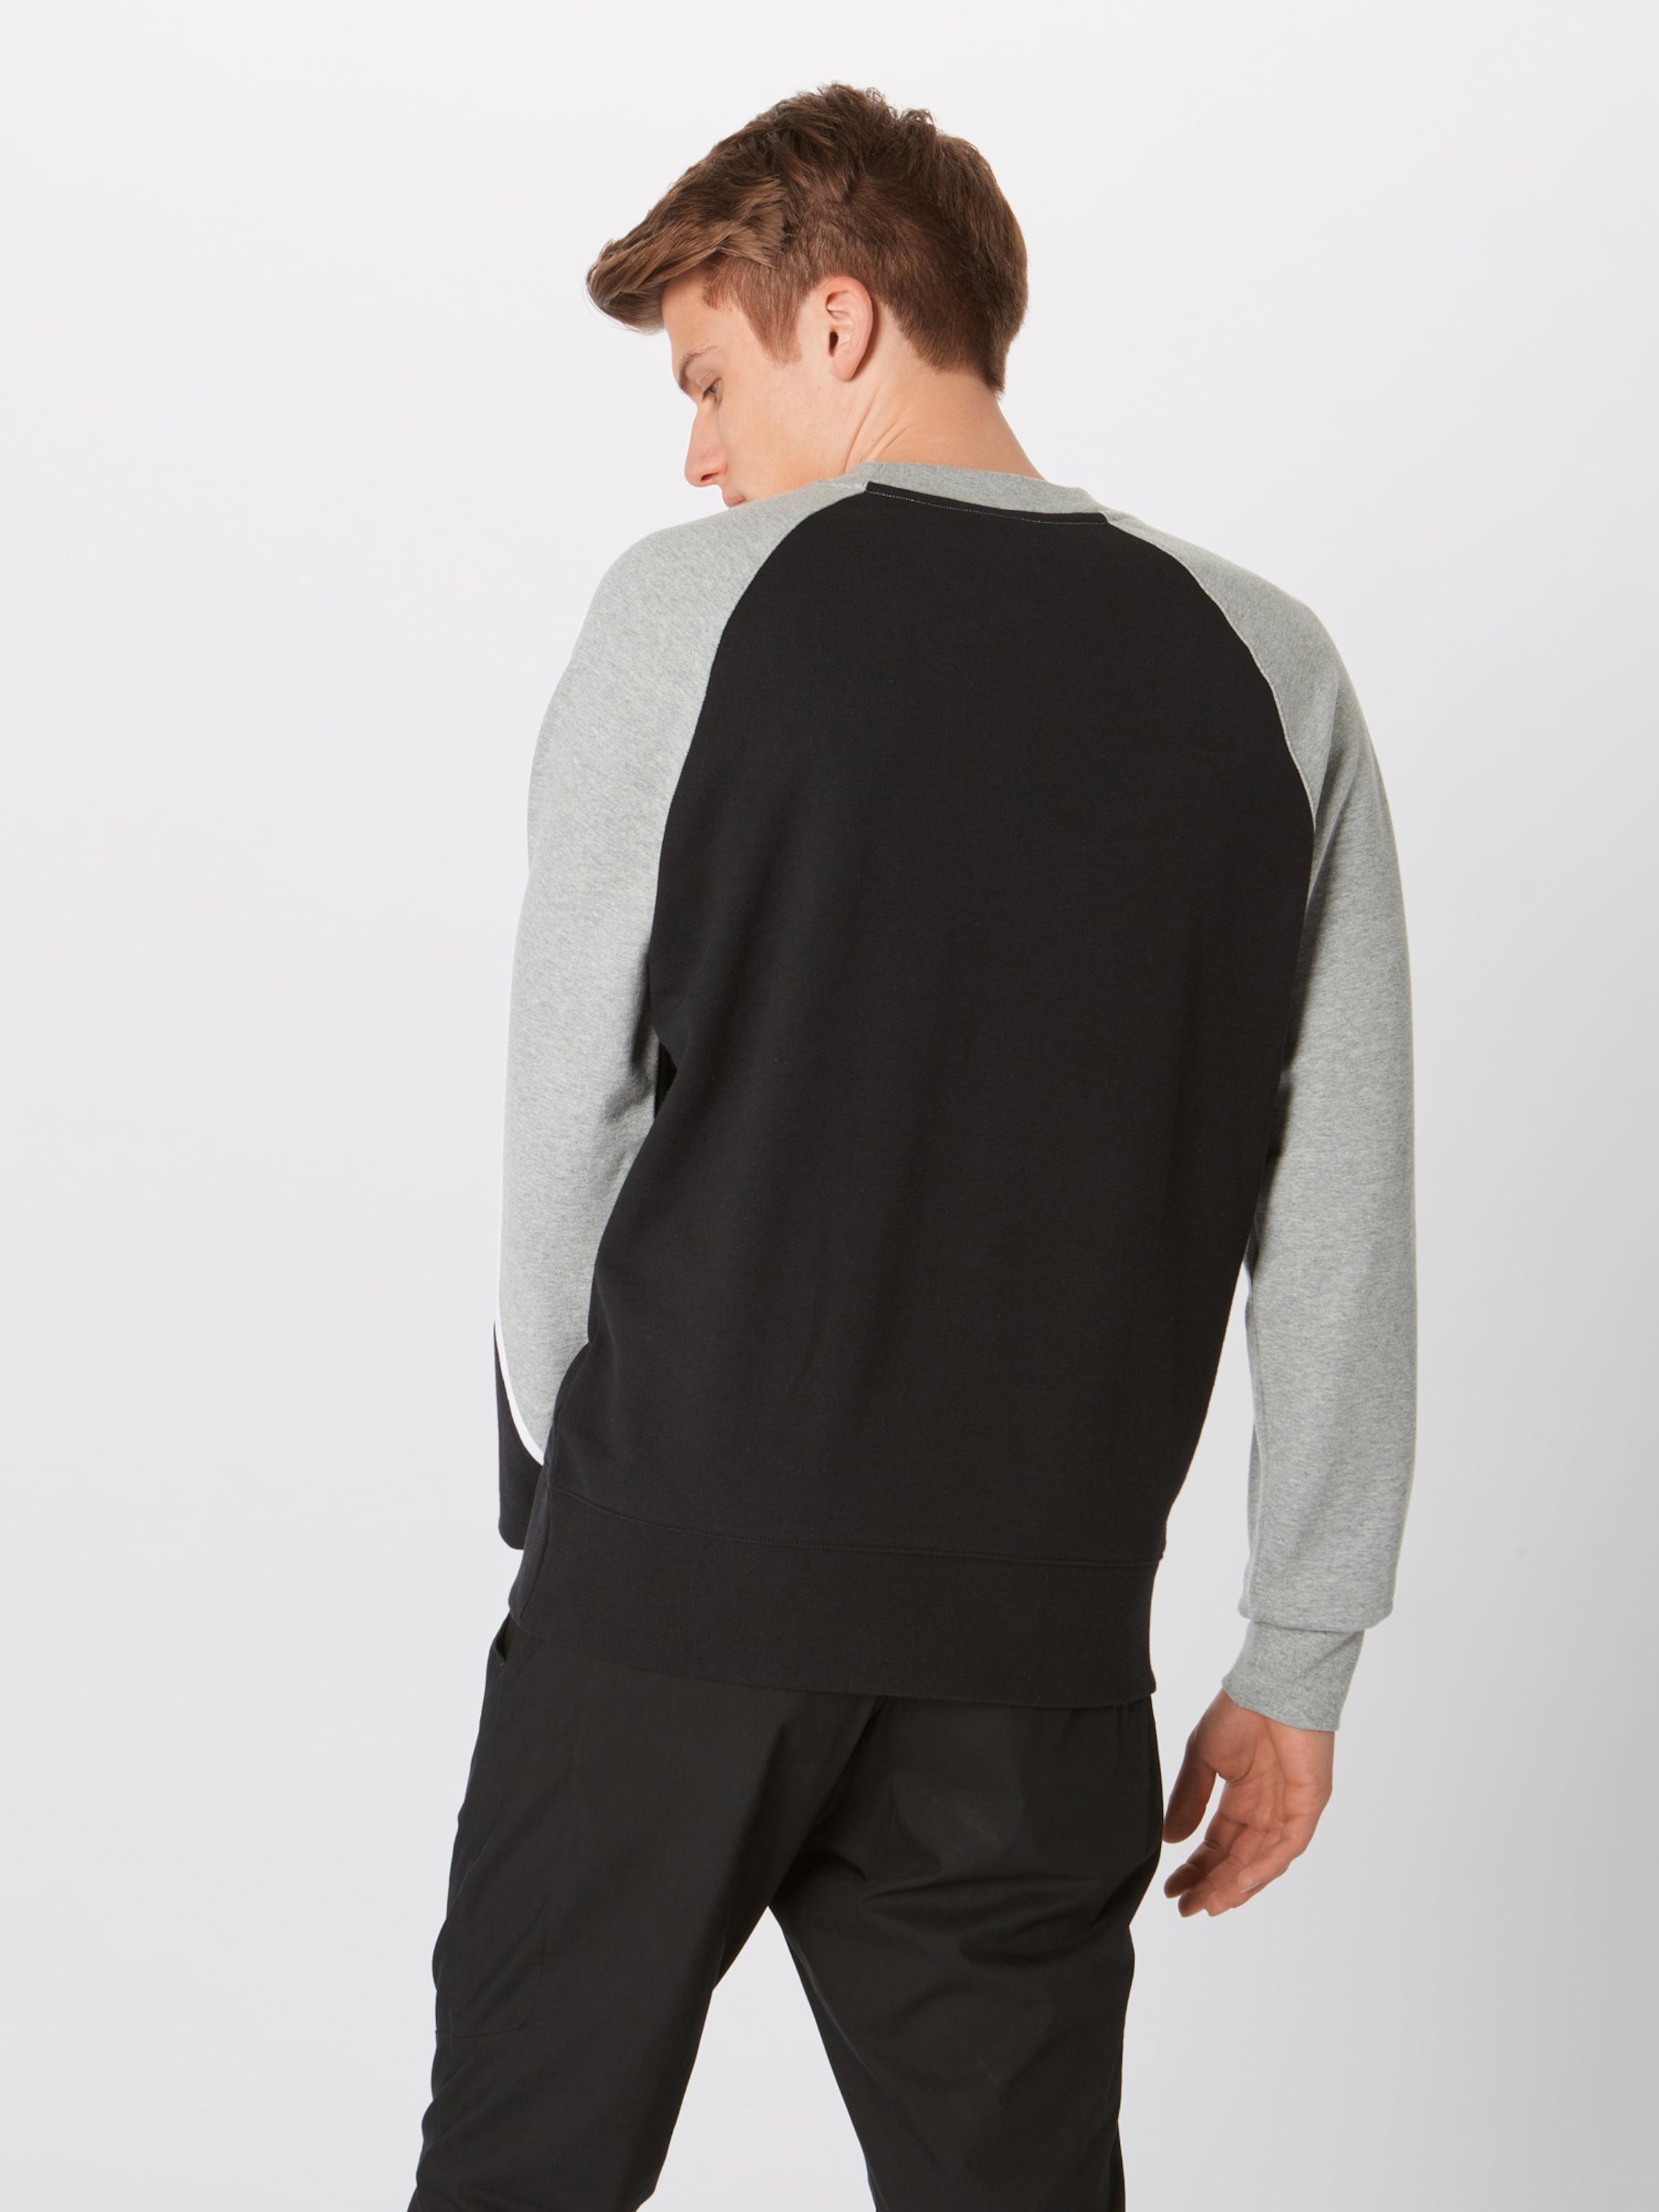 Sportswear shirt GrisNoir Sweat Nike Blanc En Ygb7yf6